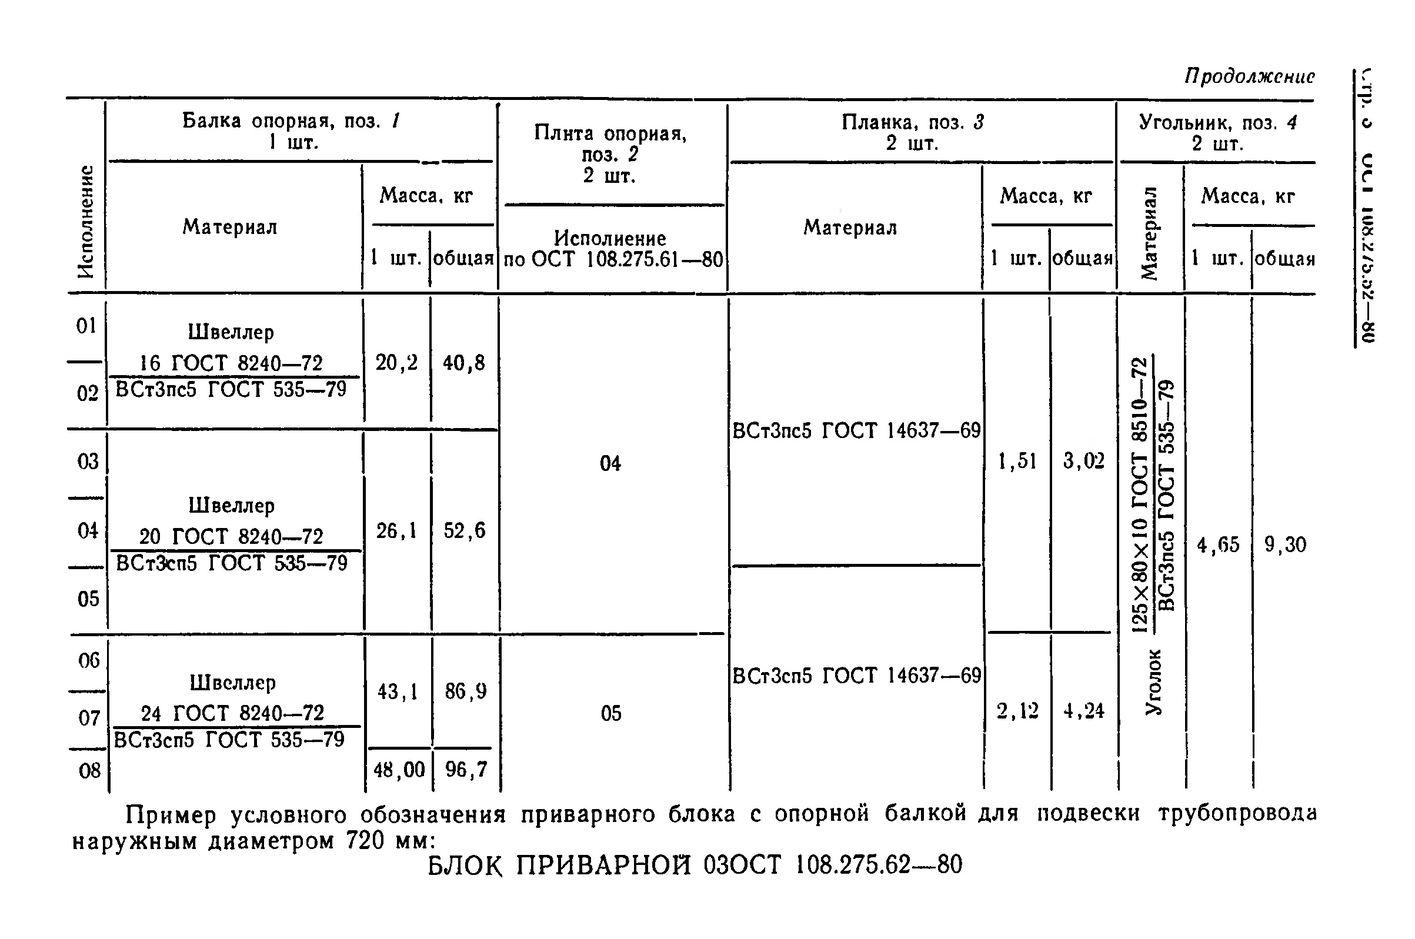 Блоки приварные с опорной балкой ОСТ 108.275.62-80 стр.3